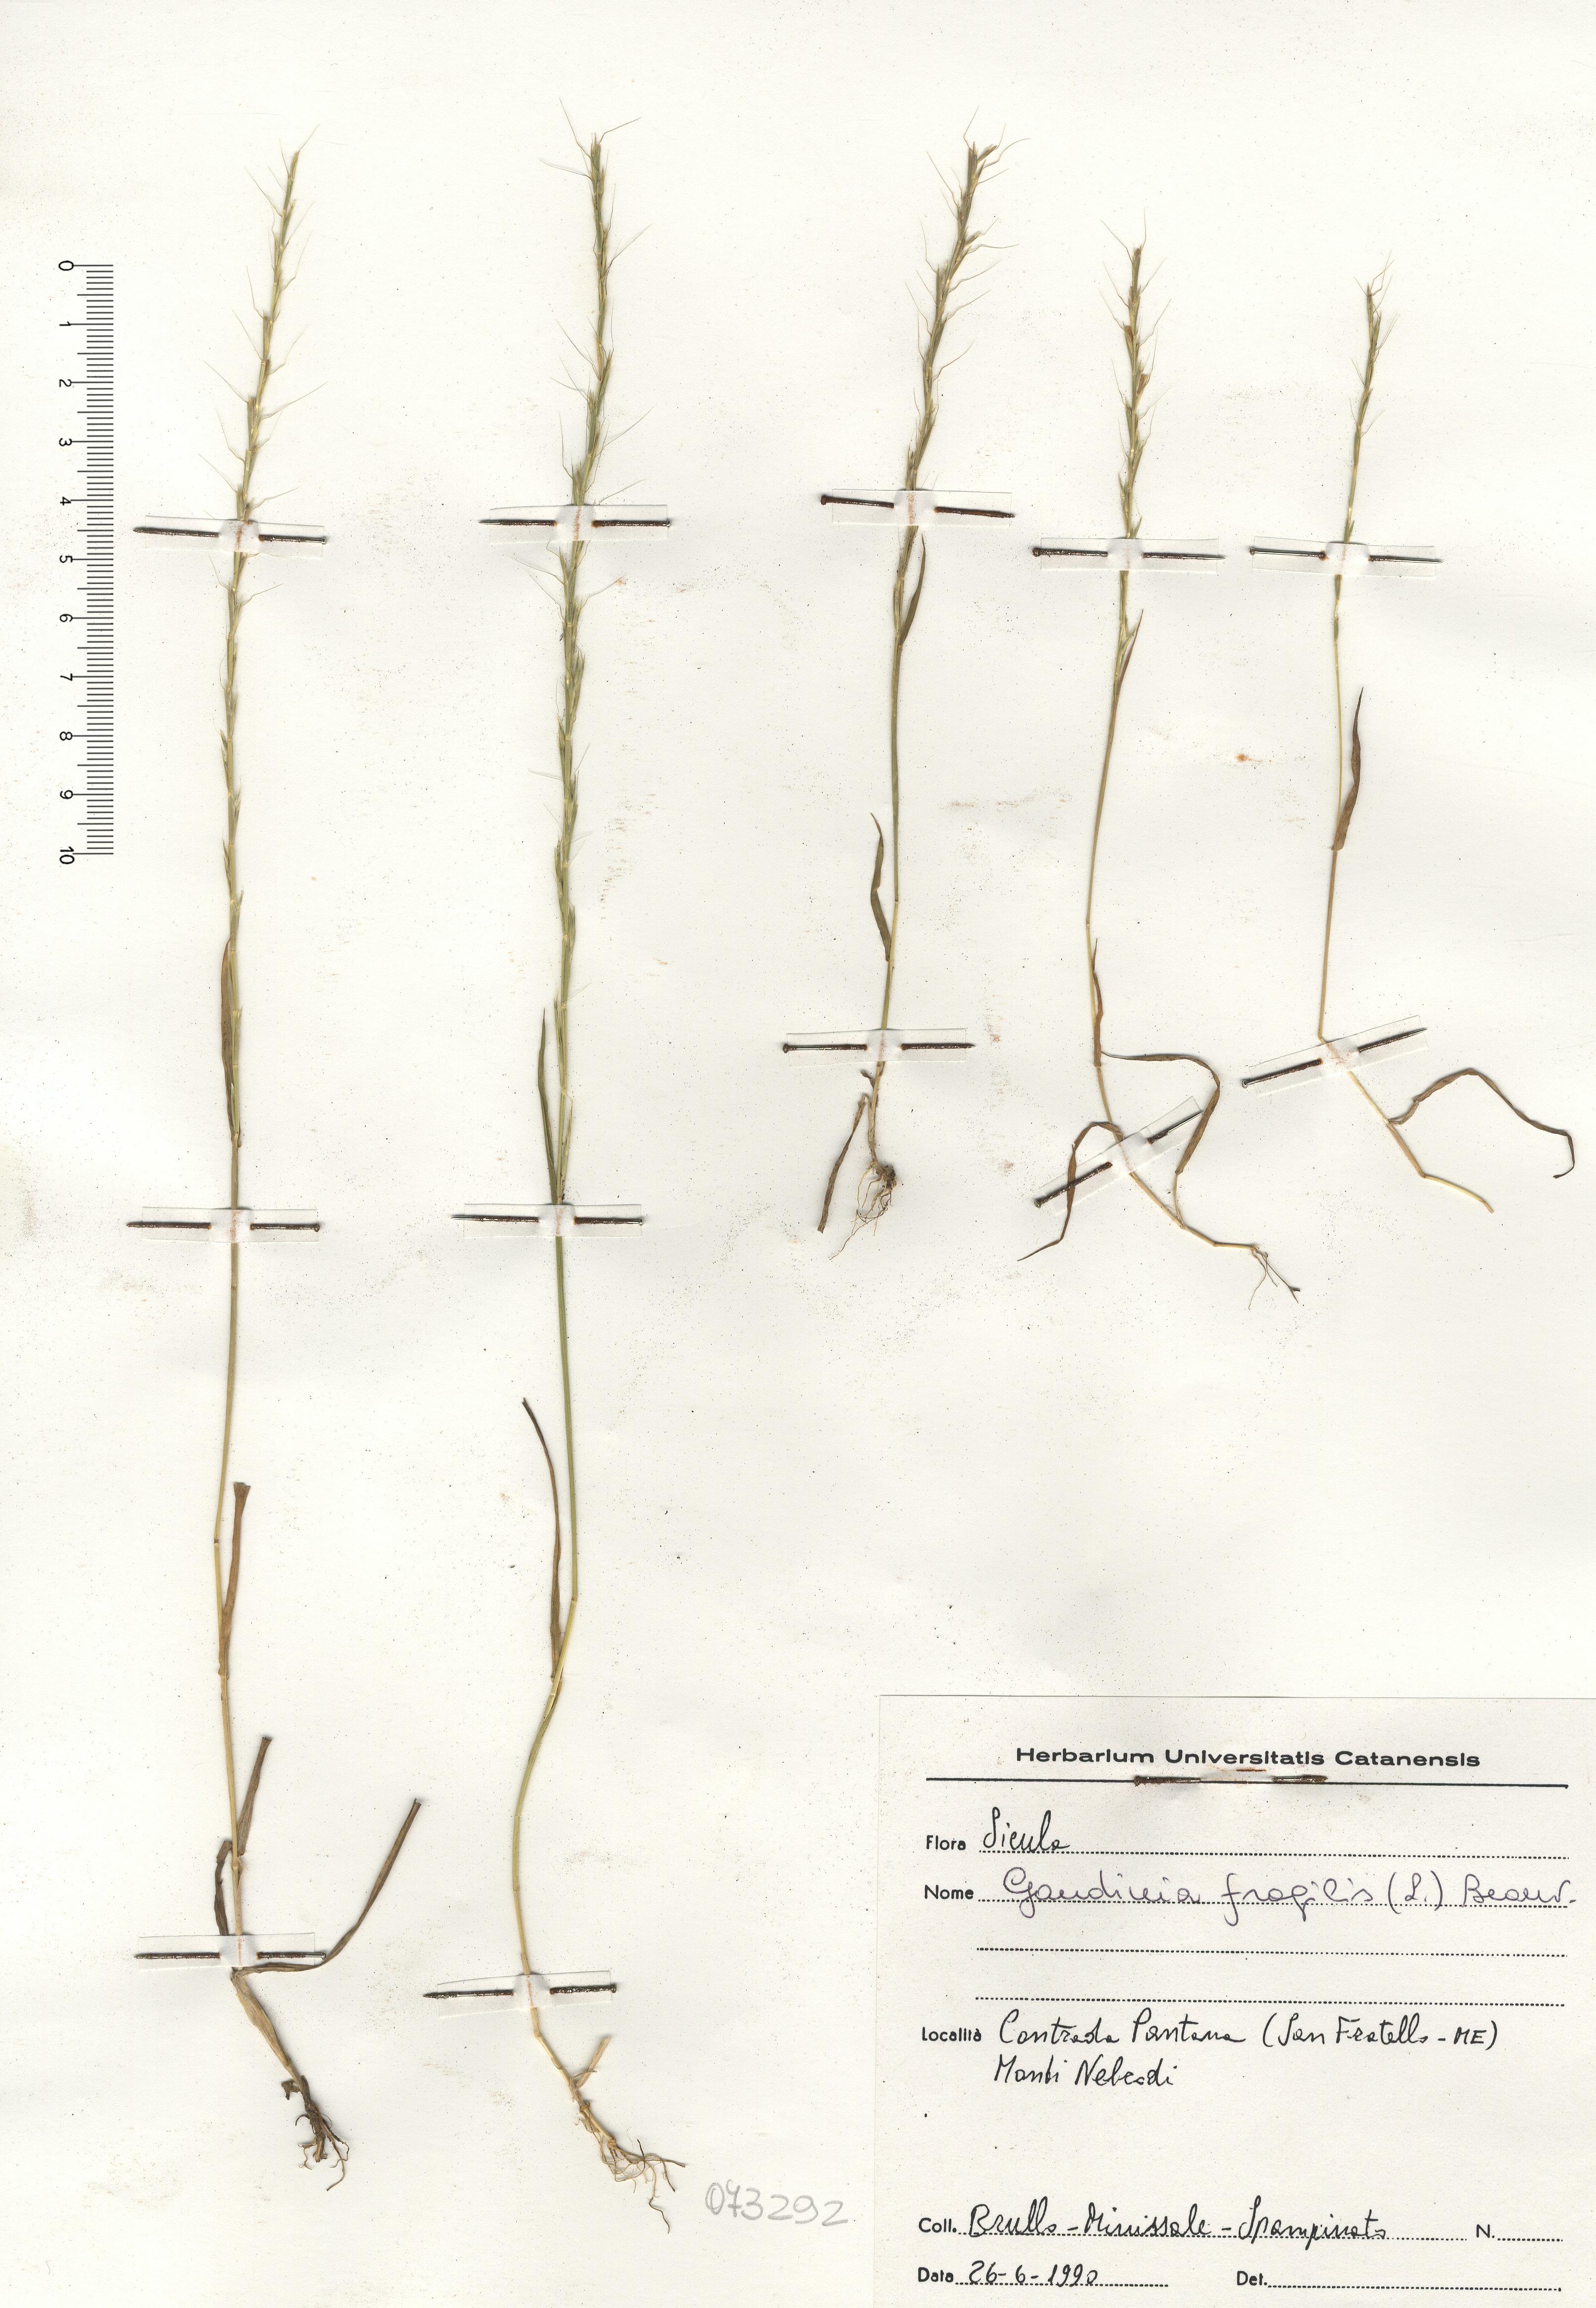 © Hortus Botanicus Catinensis - Herb. sheet 073292<br>